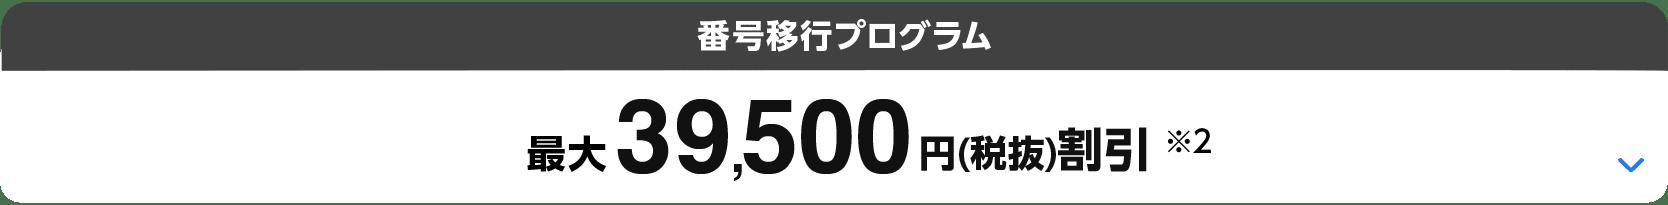 番号移行プログラム(※1)最大39,500円(税抜)割引(※2)